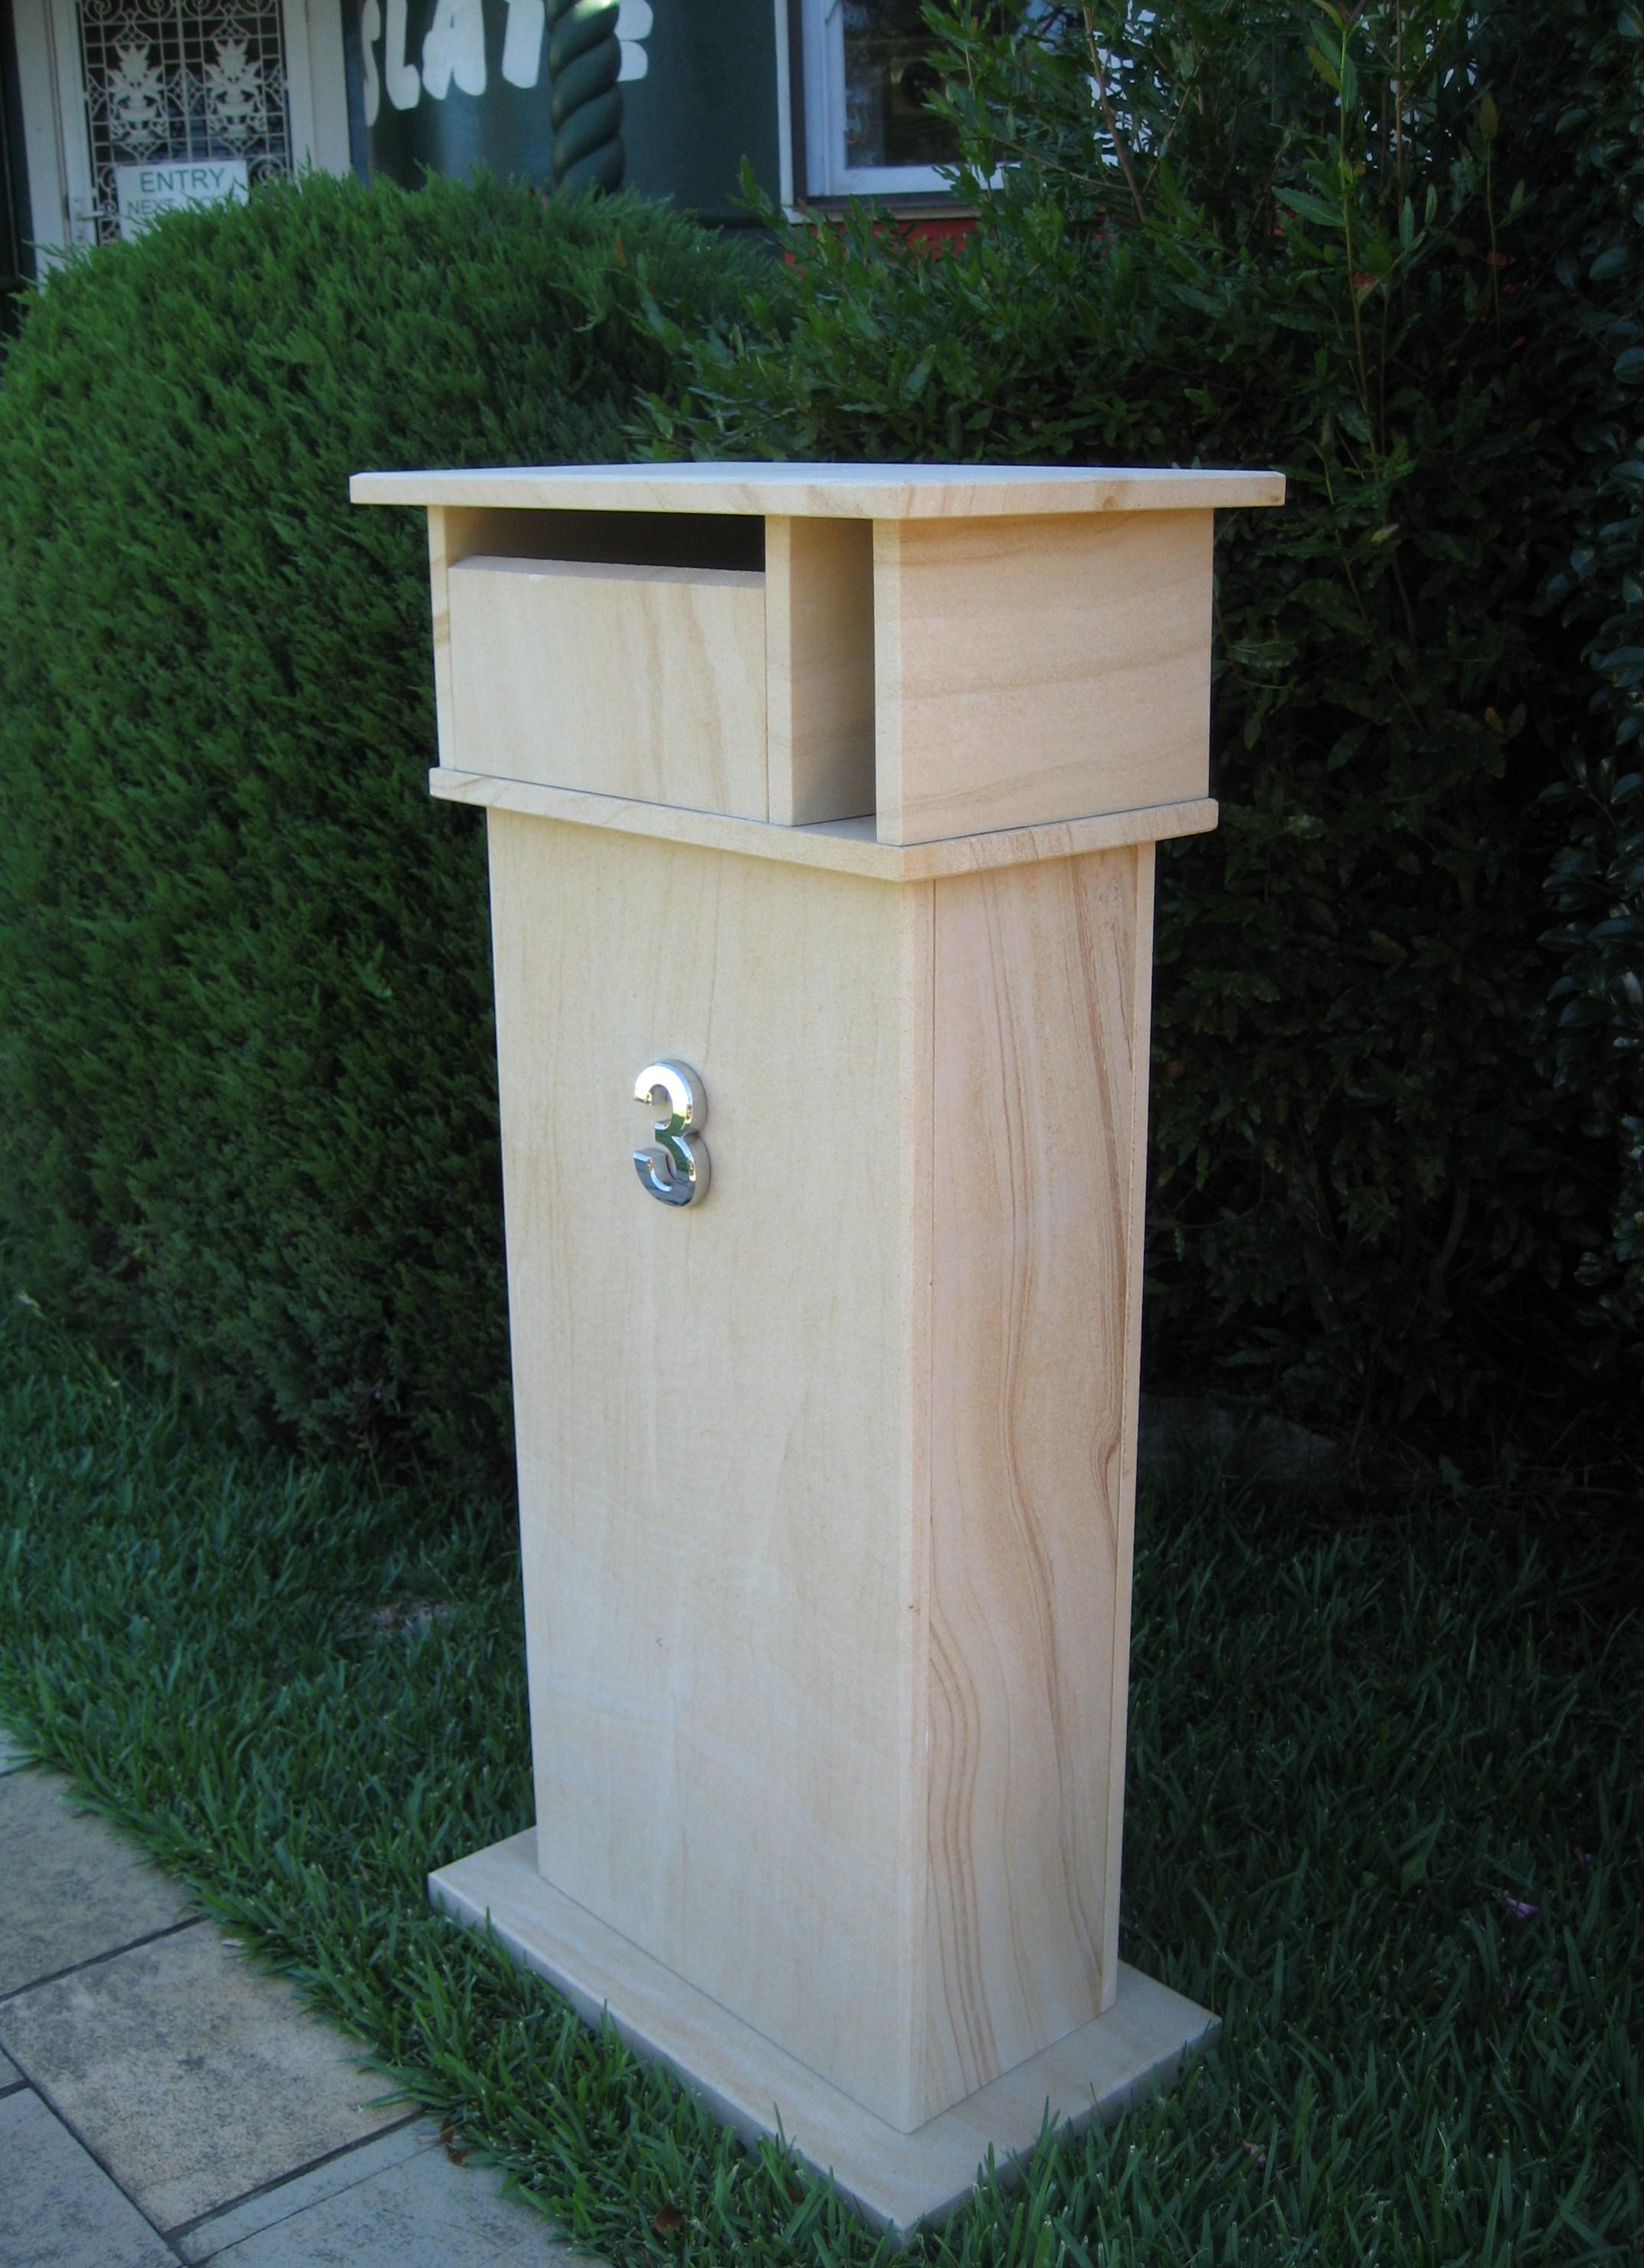 75. Extra tall letterbox, woodgrain sandstone. 1060 tall, dimentions 1060x400x300 $820